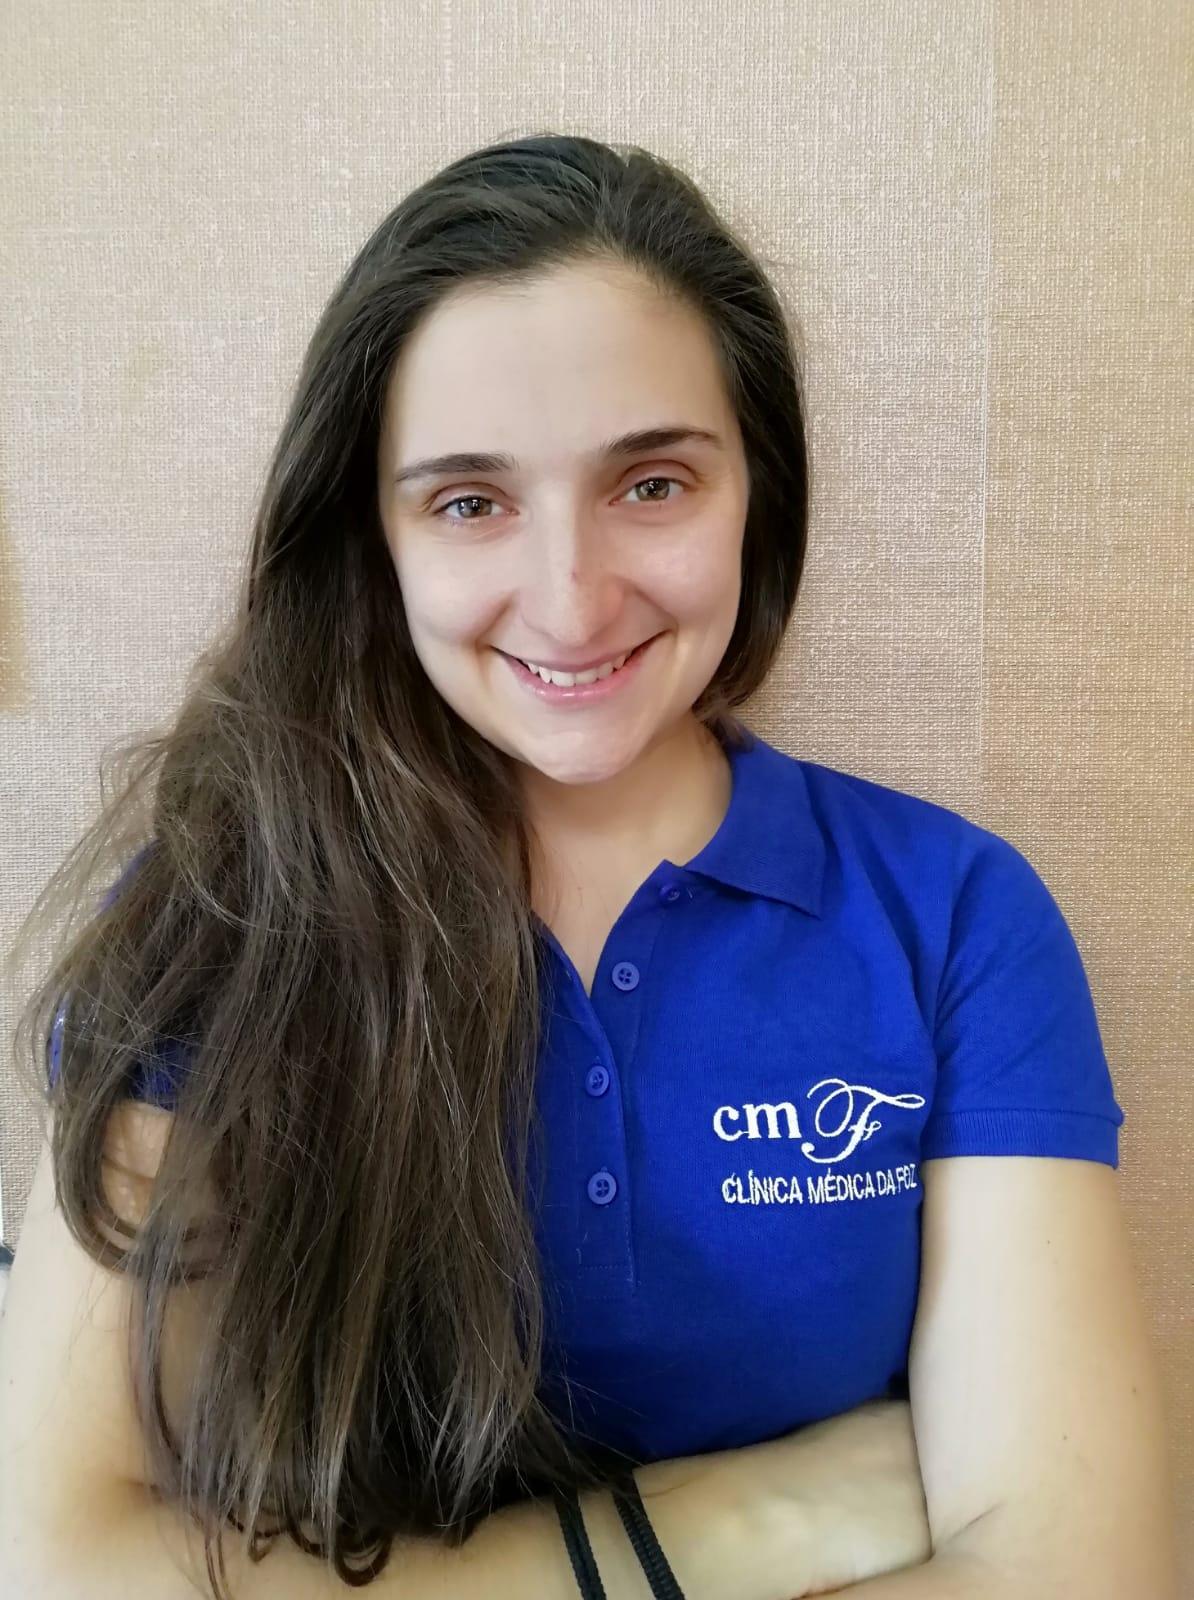 Dra. Elisabete Matos - Clinica Médica da Foz